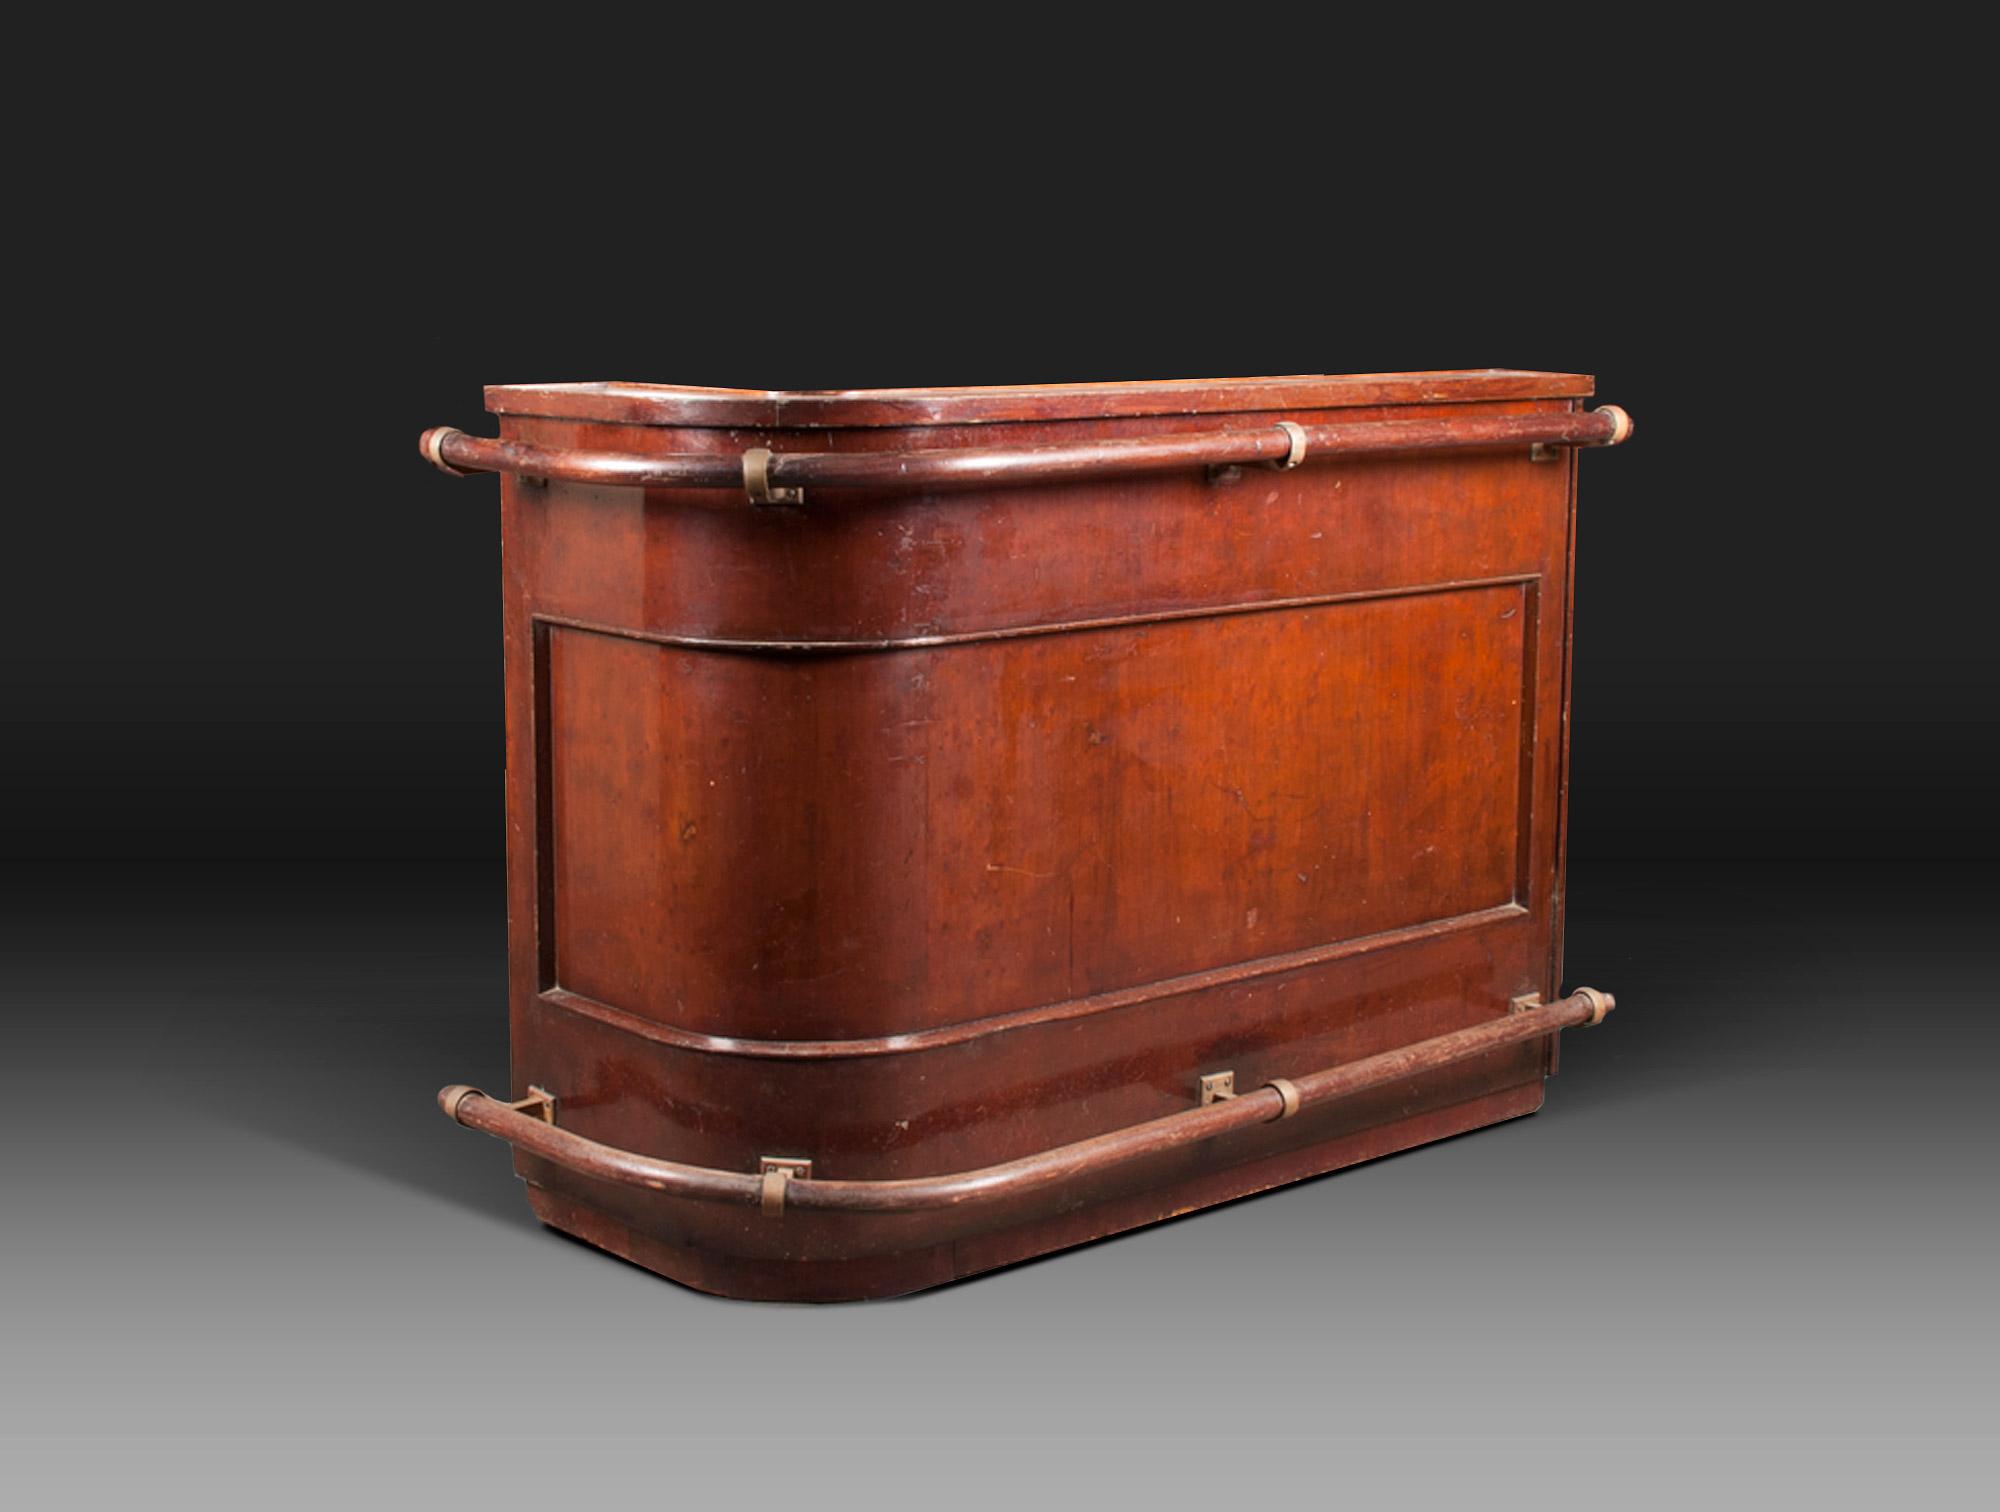 bar d 39 appartement acajou soubrier louer rangements buffet ann es 1940. Black Bedroom Furniture Sets. Home Design Ideas